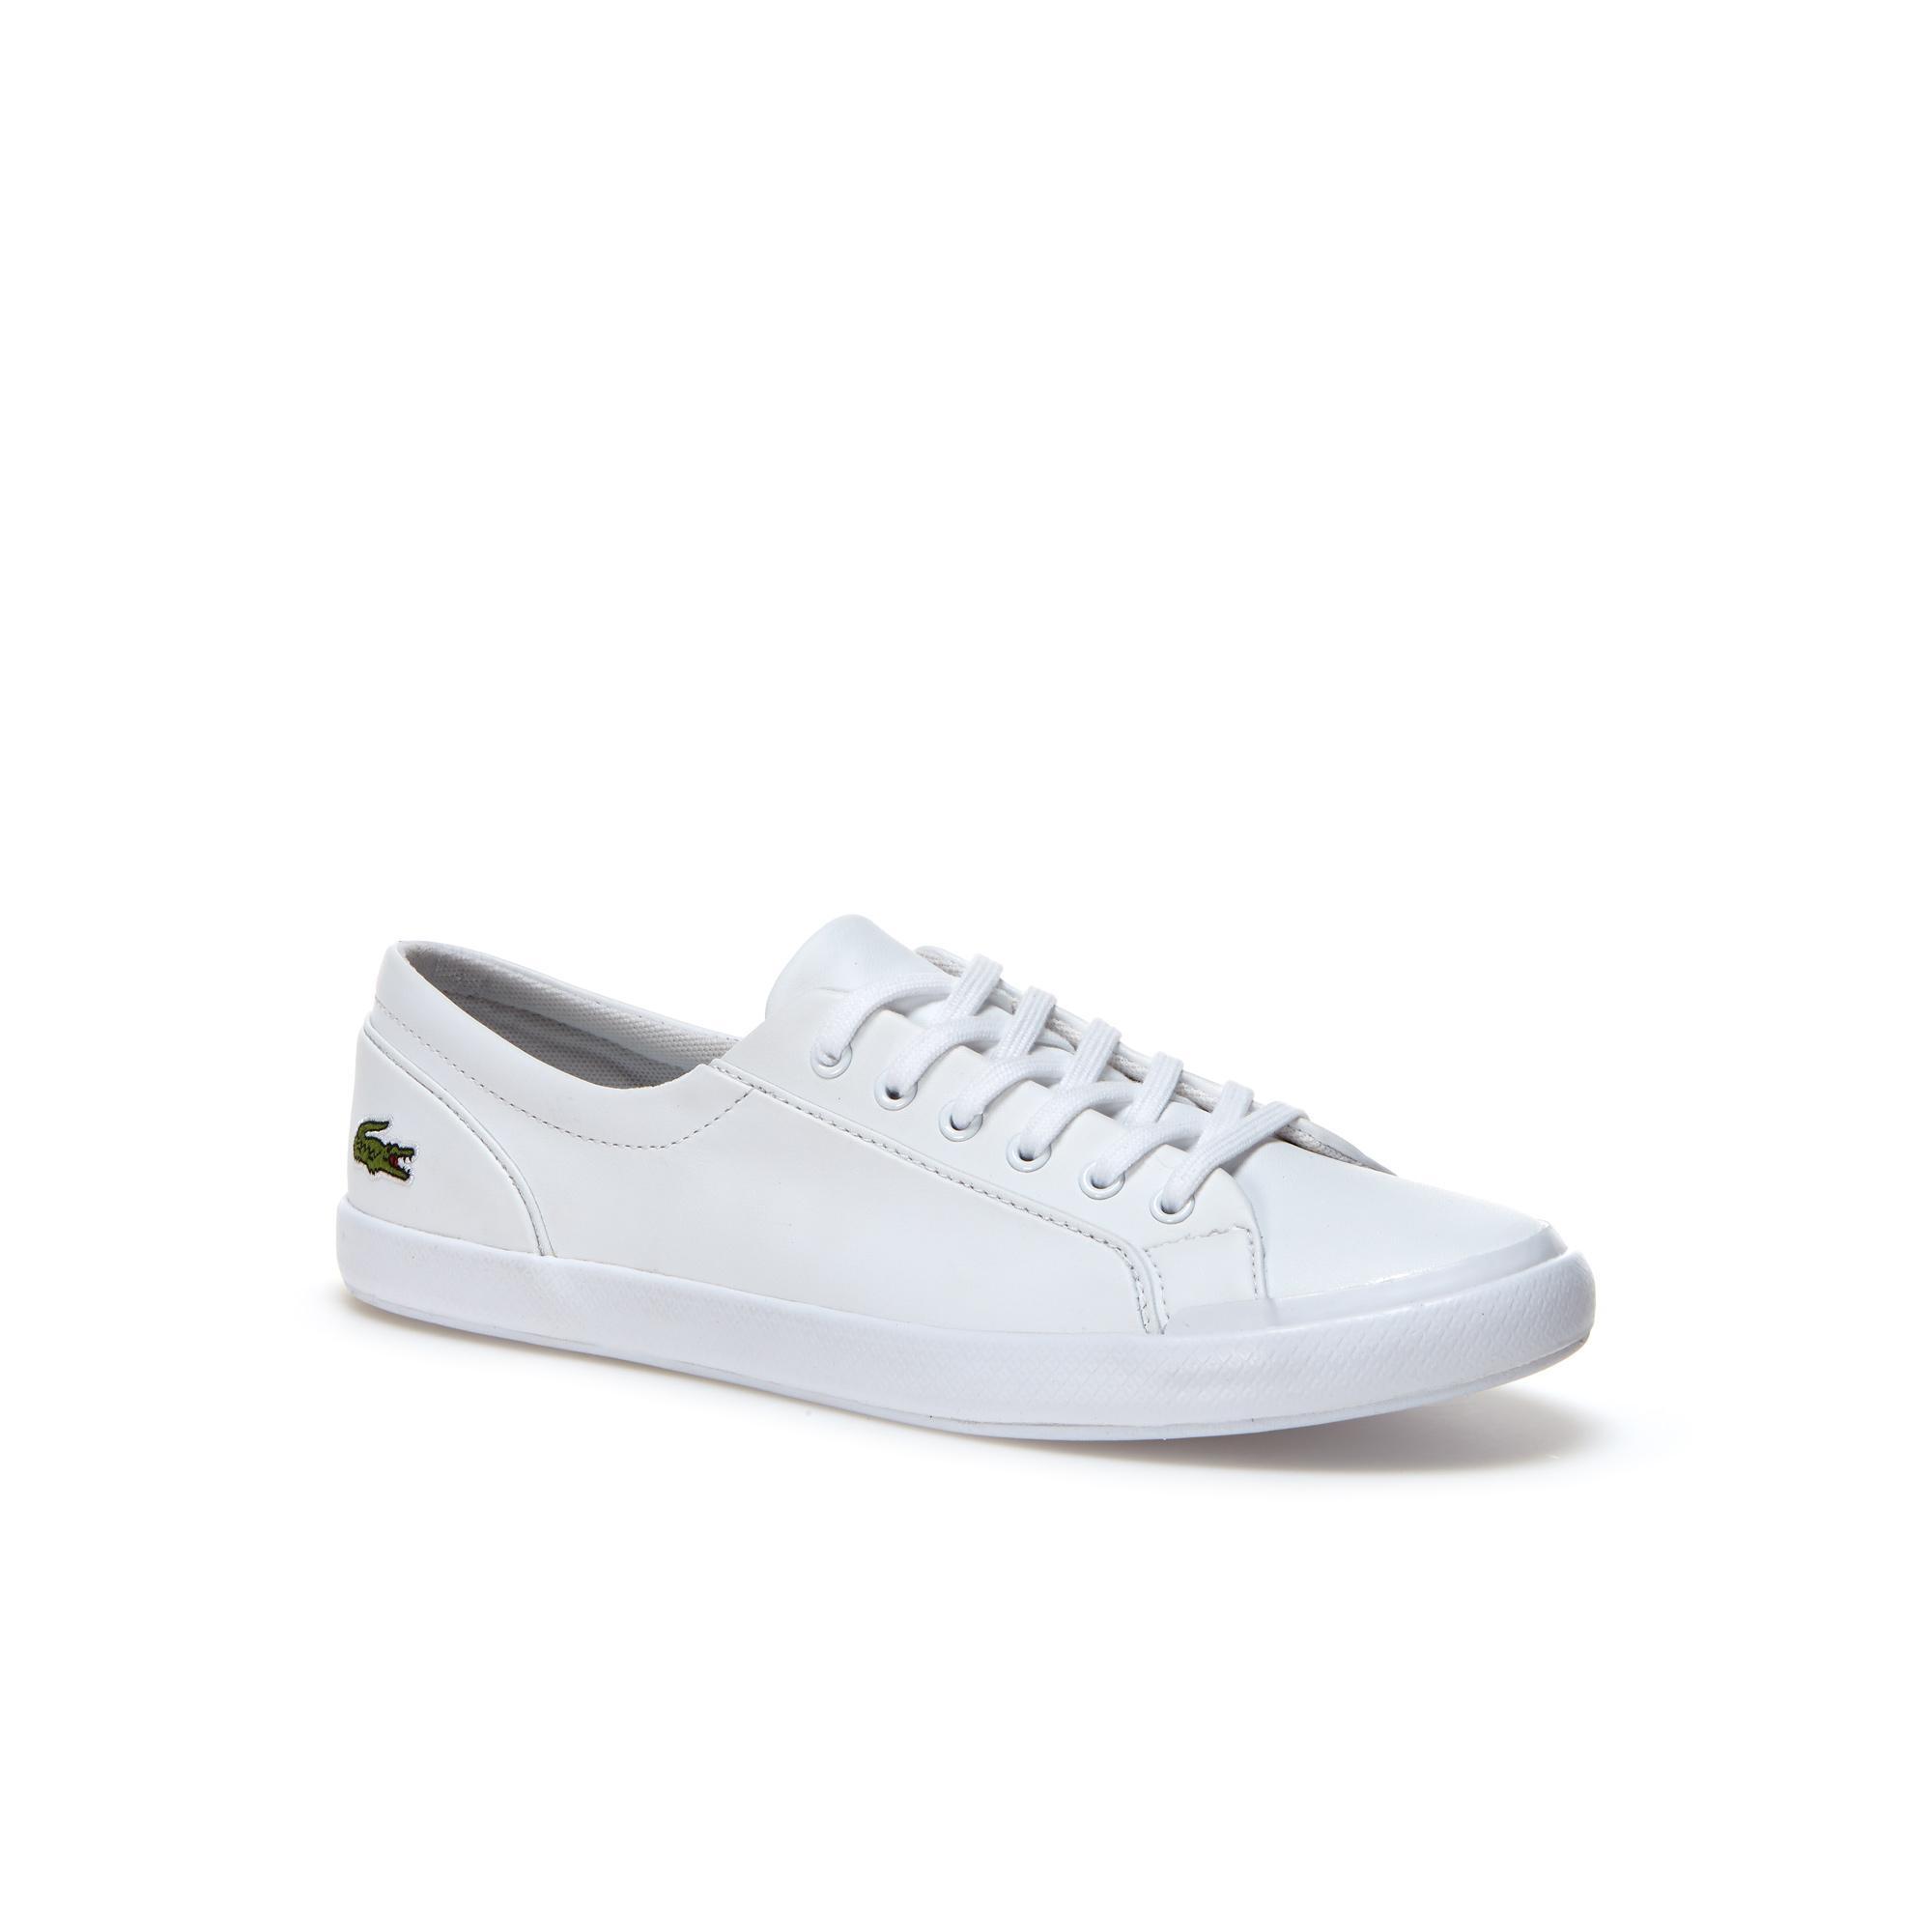 Lacoste Lancelle BL 1 Women's Shoes